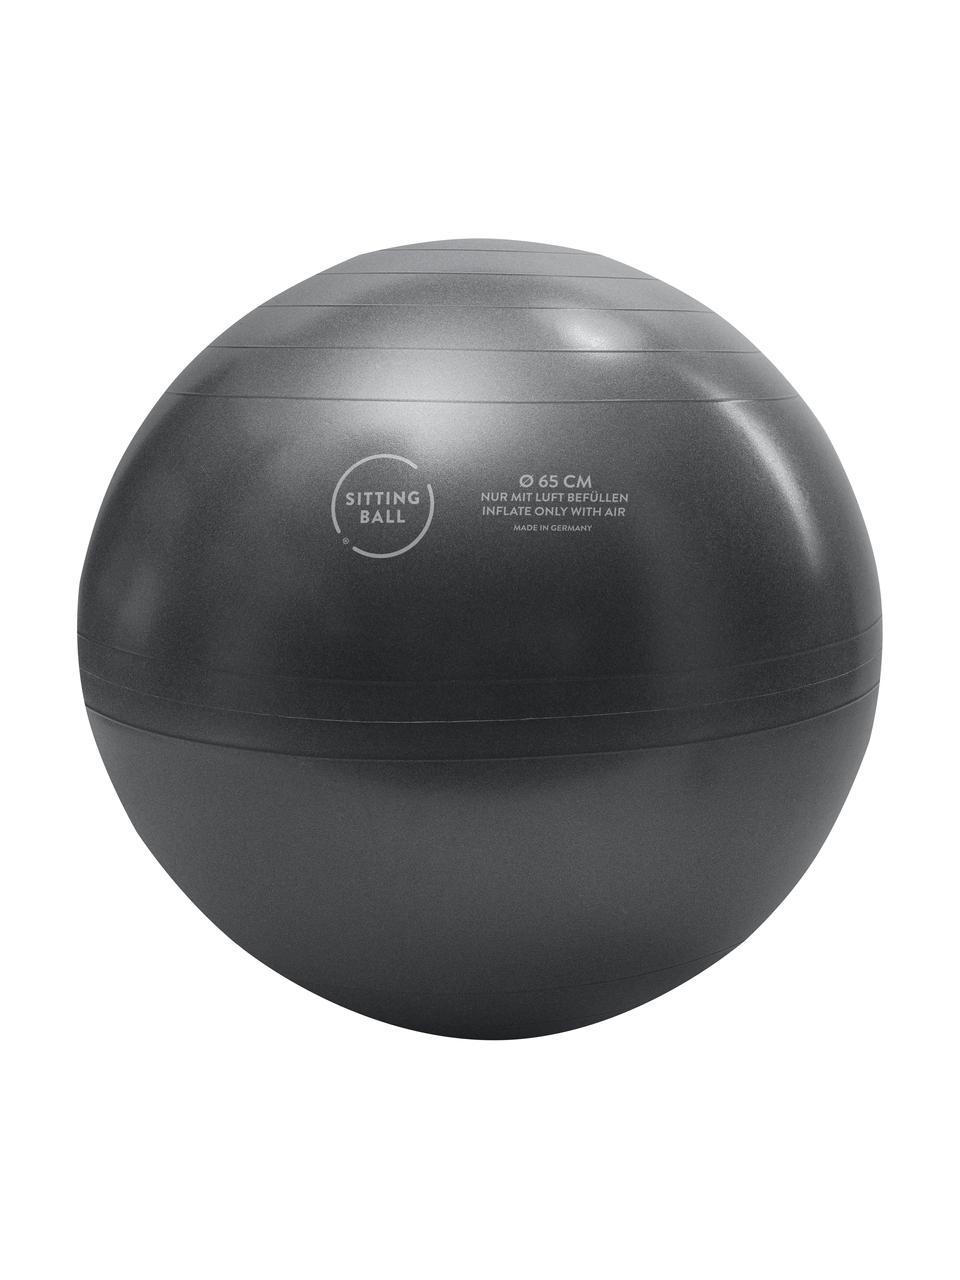 Piłka do siedzenia z rączką Felt, Tapicerka: poliester (sztuczna skóra, Łososiowy, Ø 65 cm